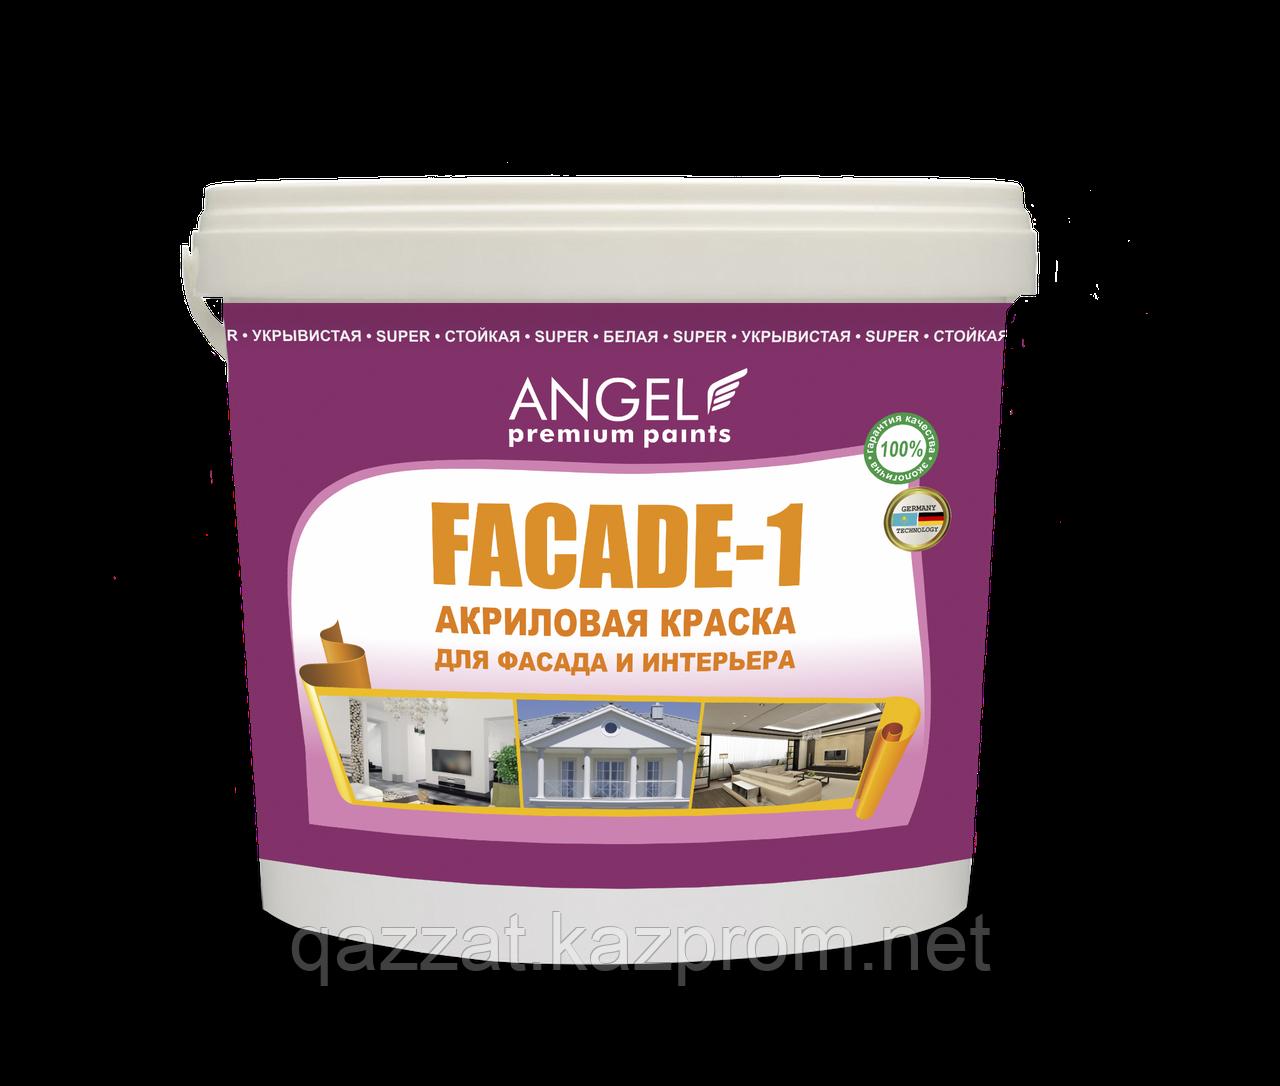 """Водоэмульсионная фасадная краска """"Angel Fasade-1"""" 6,5 кг"""